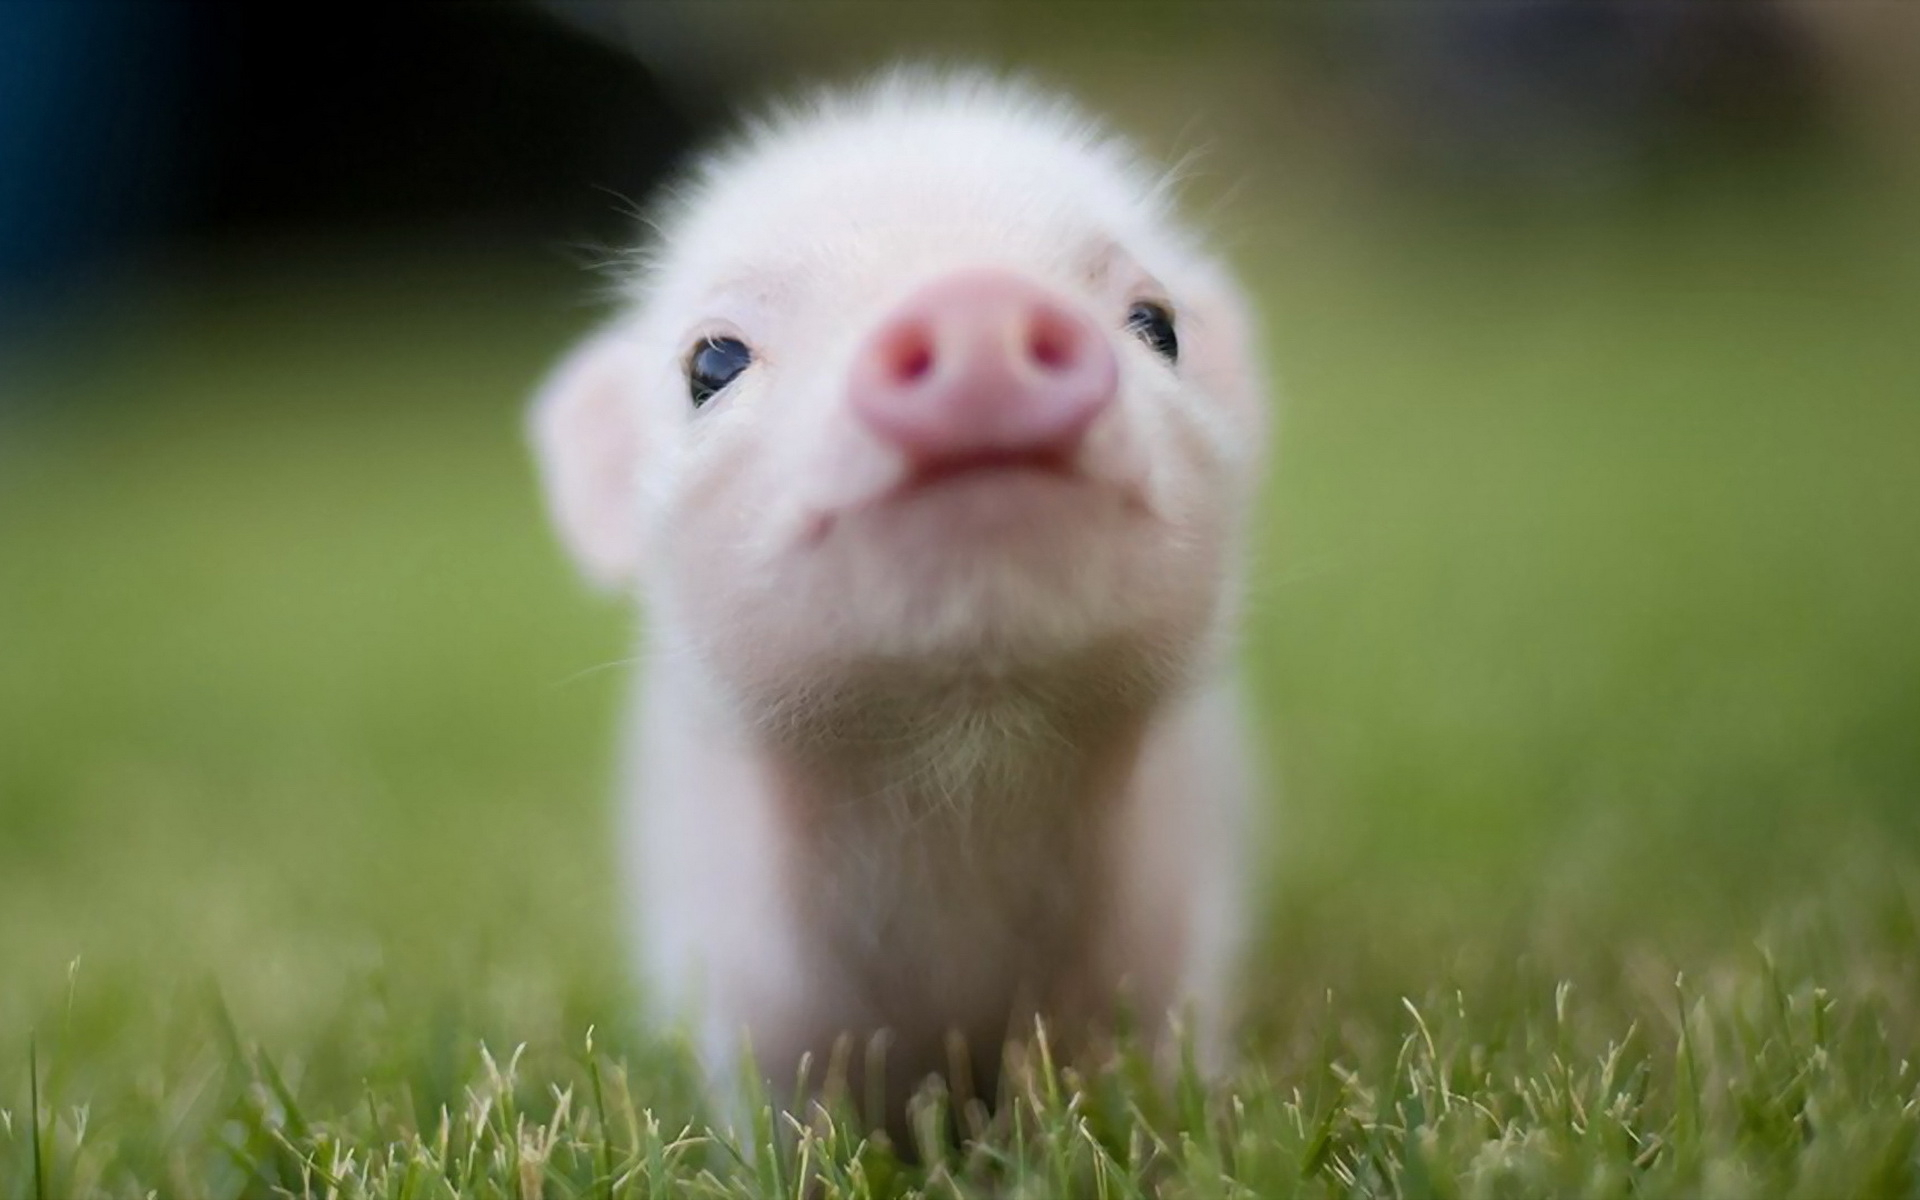 pig wallpaper hd